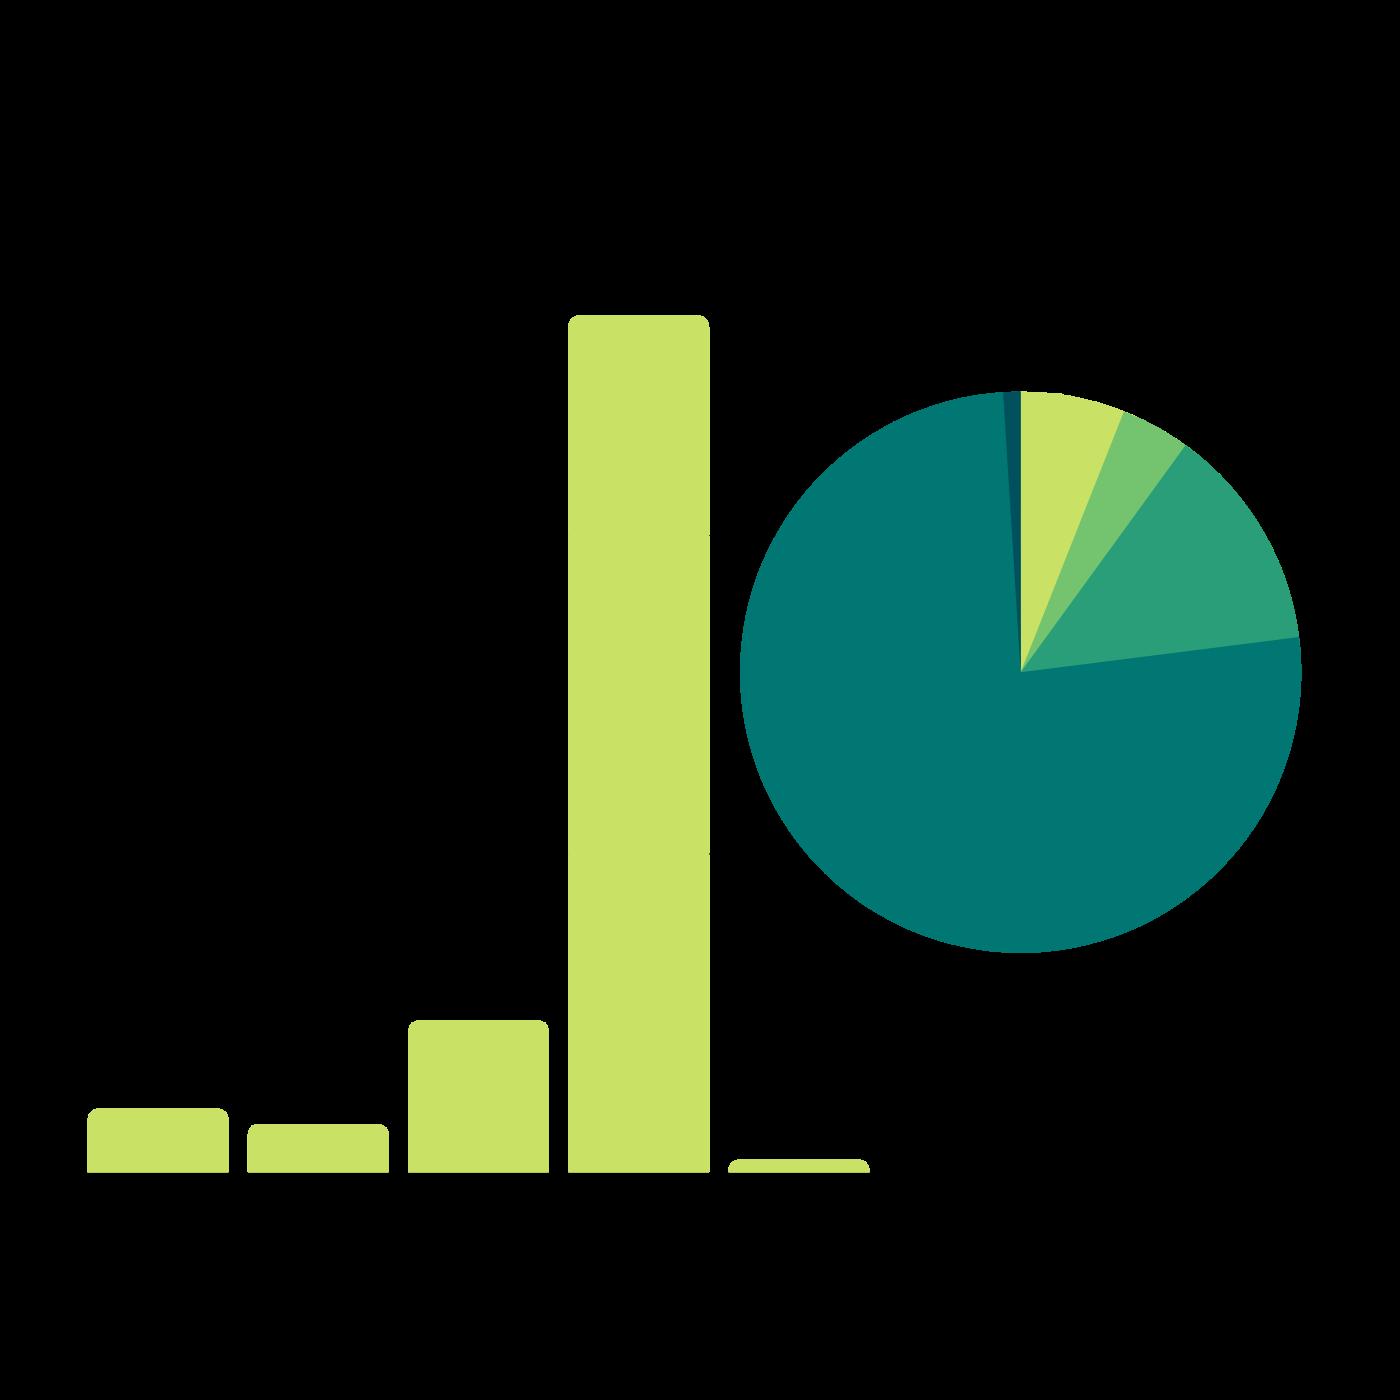 Las Acciones Para Mejorar El Tránsito En Santa Tecla. Accidentabilidad 2019. Infografía. Roberto d'Aubuisson. 2021